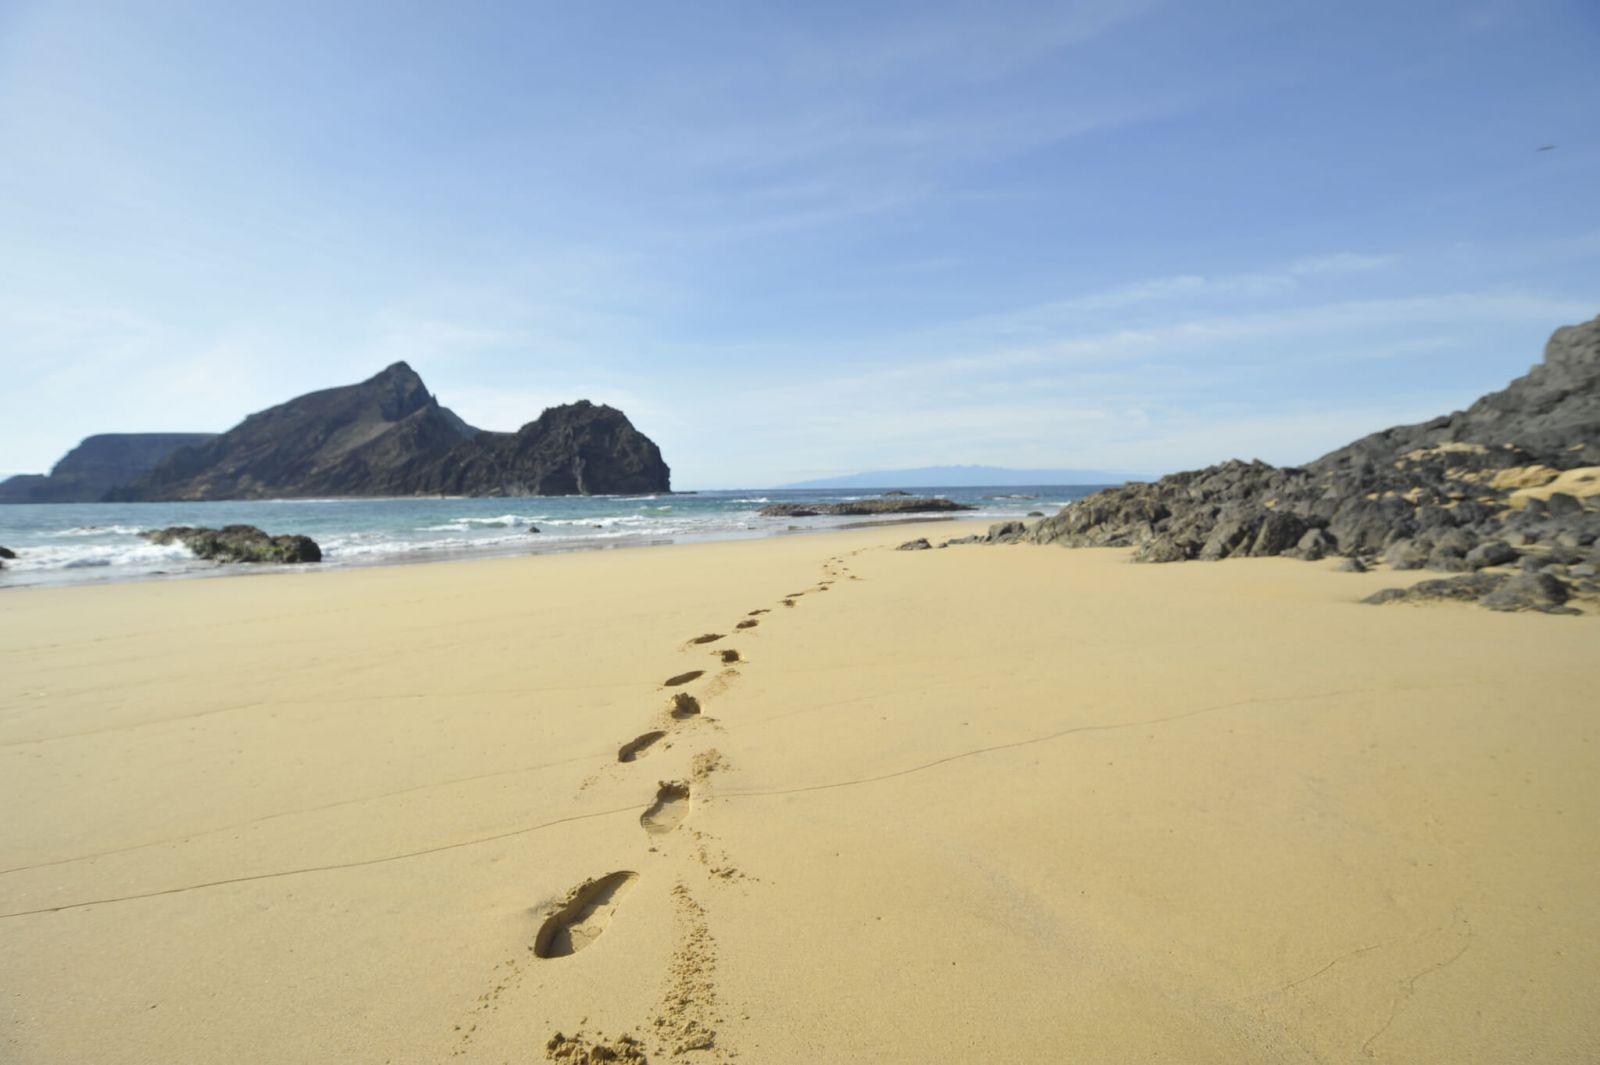 Ein Teil des Strandes auf der Insel Porto Santo